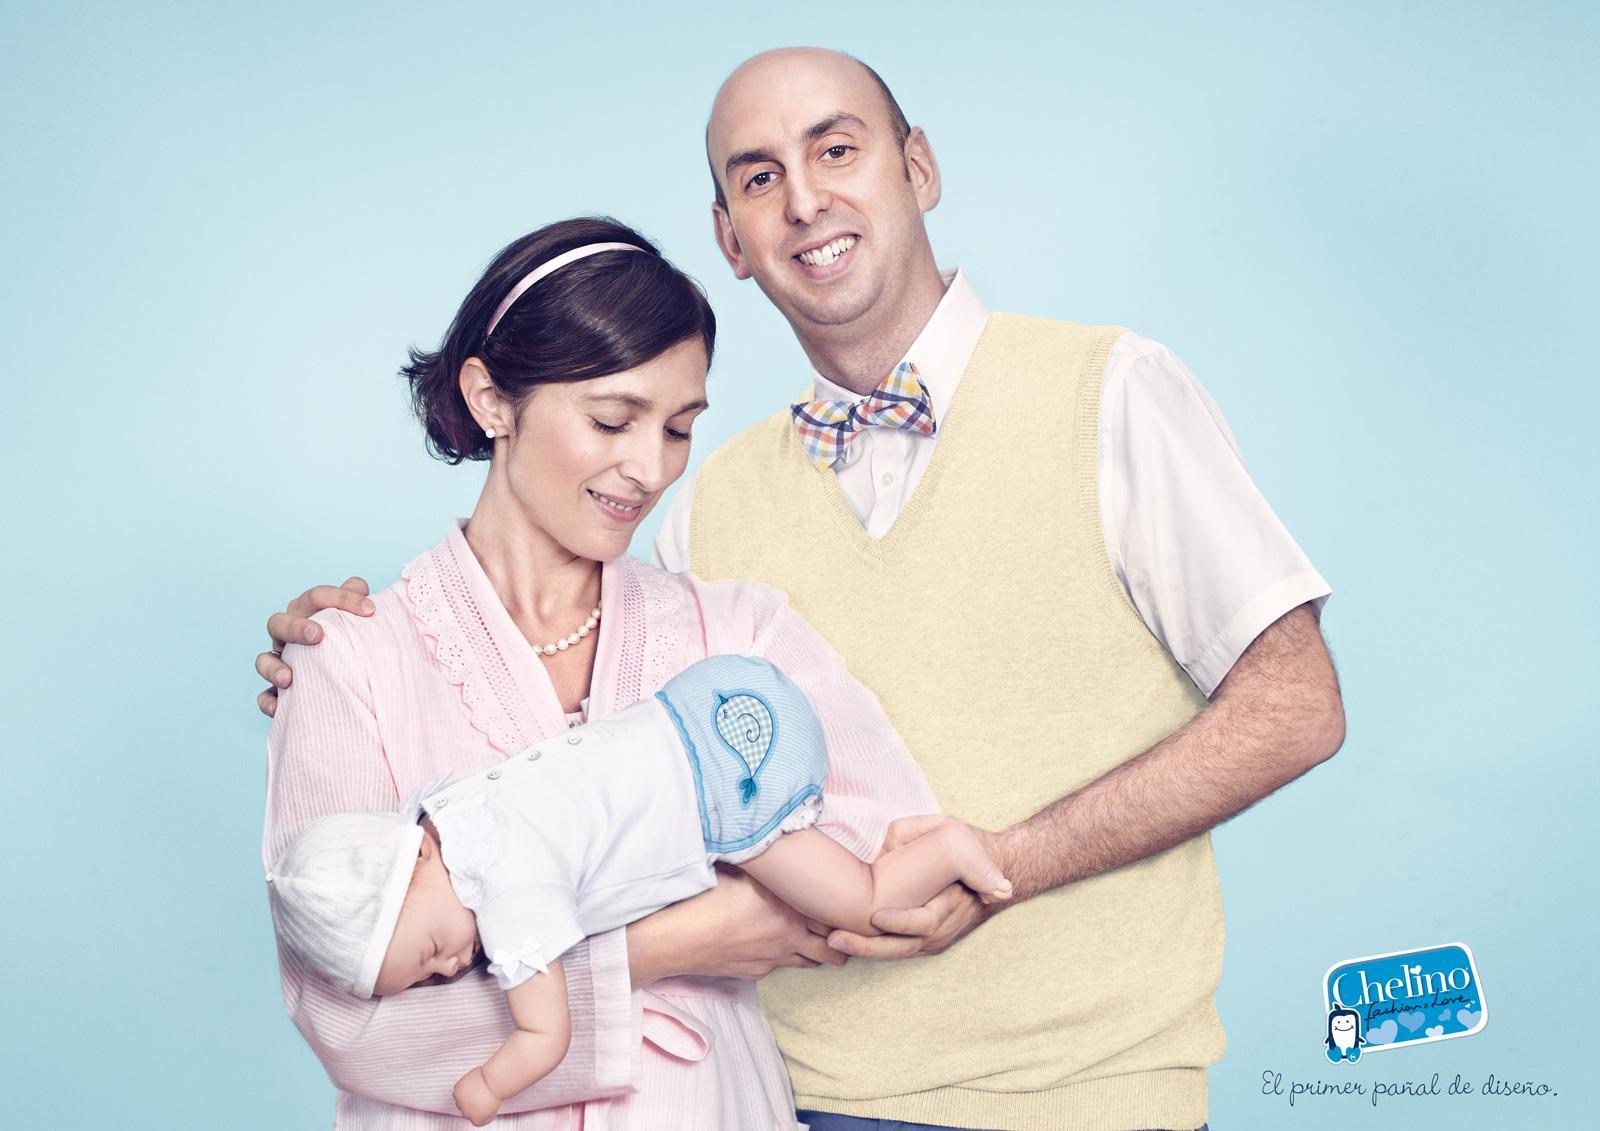 Chelino Print Ad -  The new designer nappy, Dad